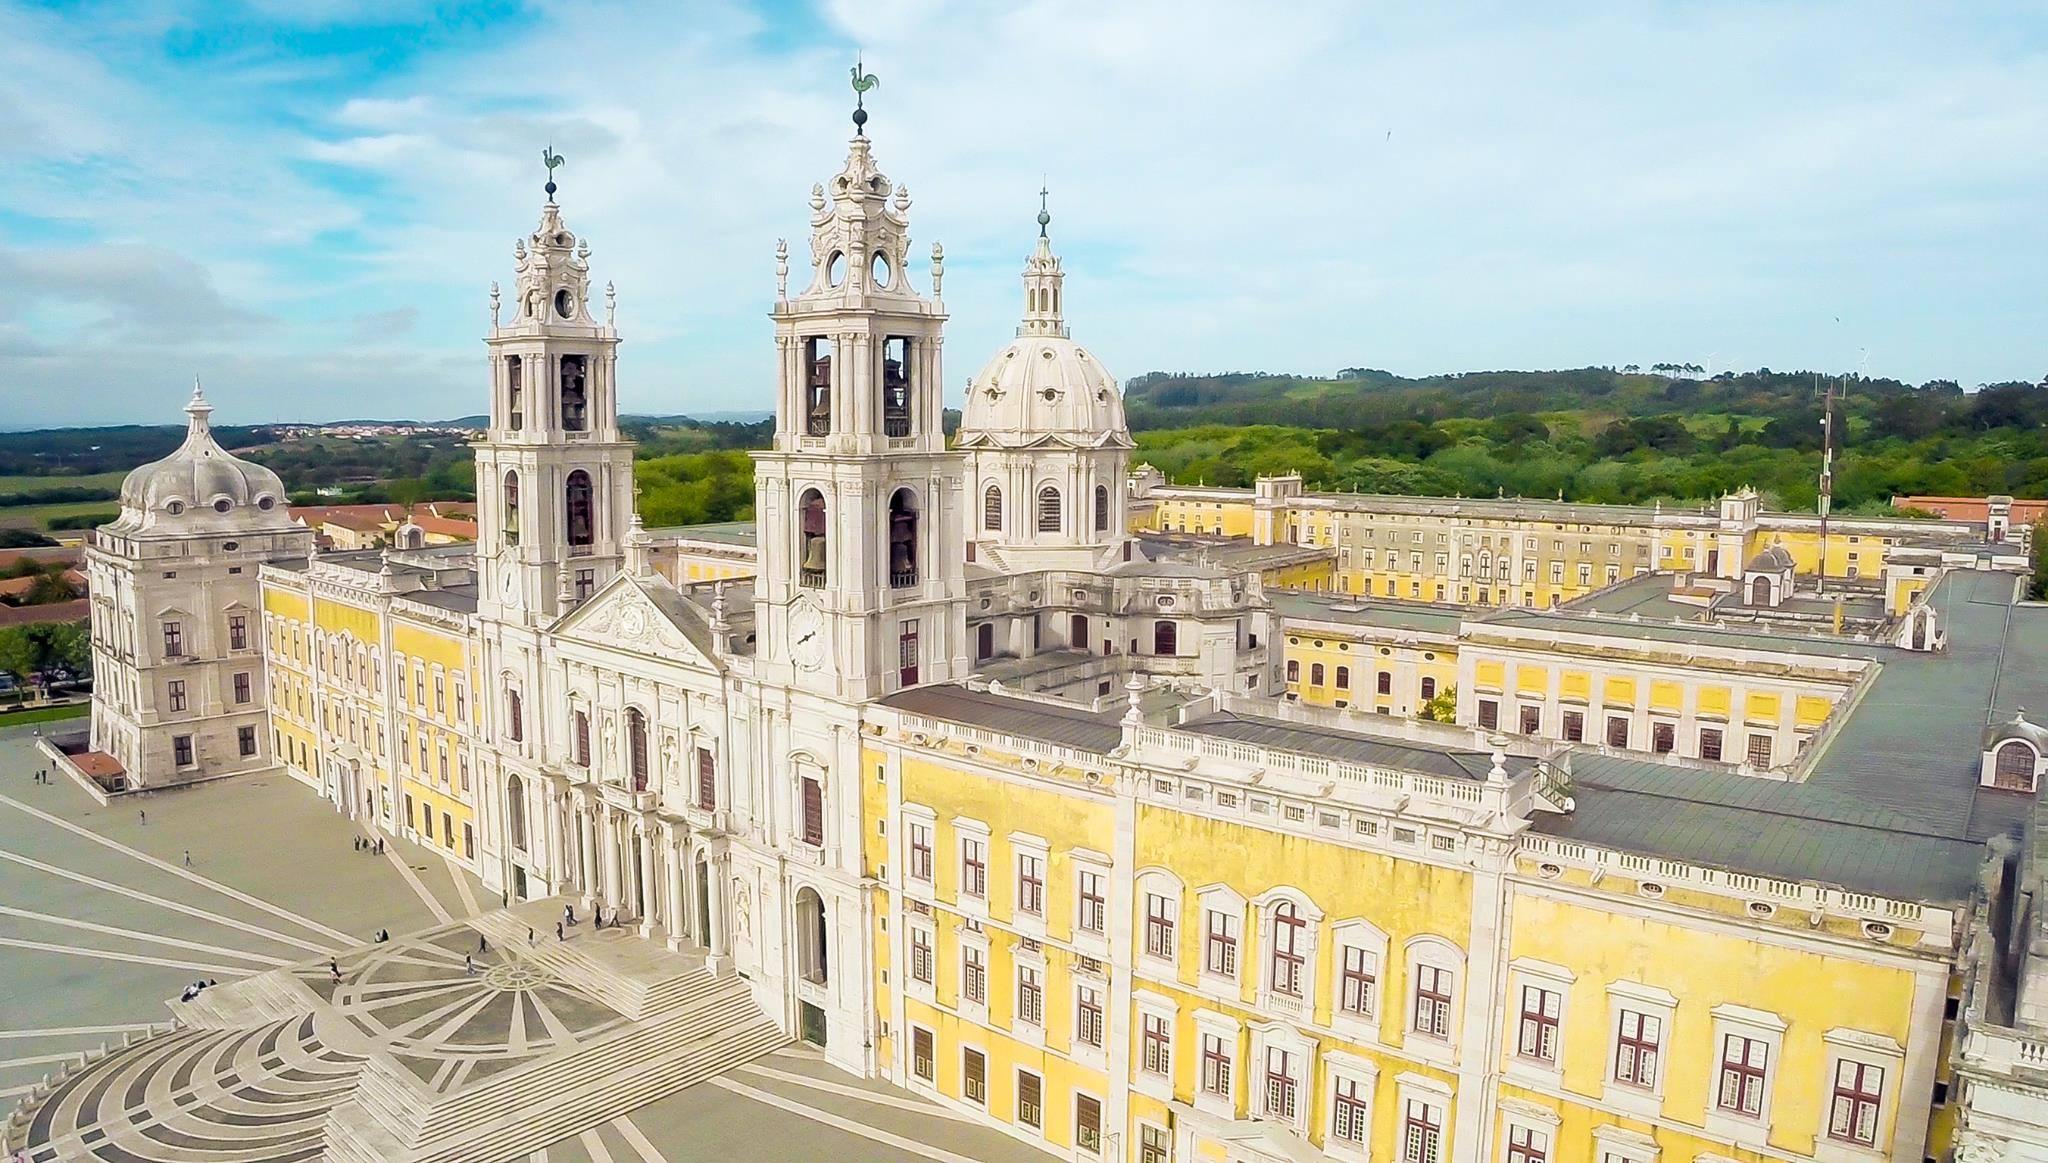 Vista panorâmica, a partir do céu, do Palácio de Mafra